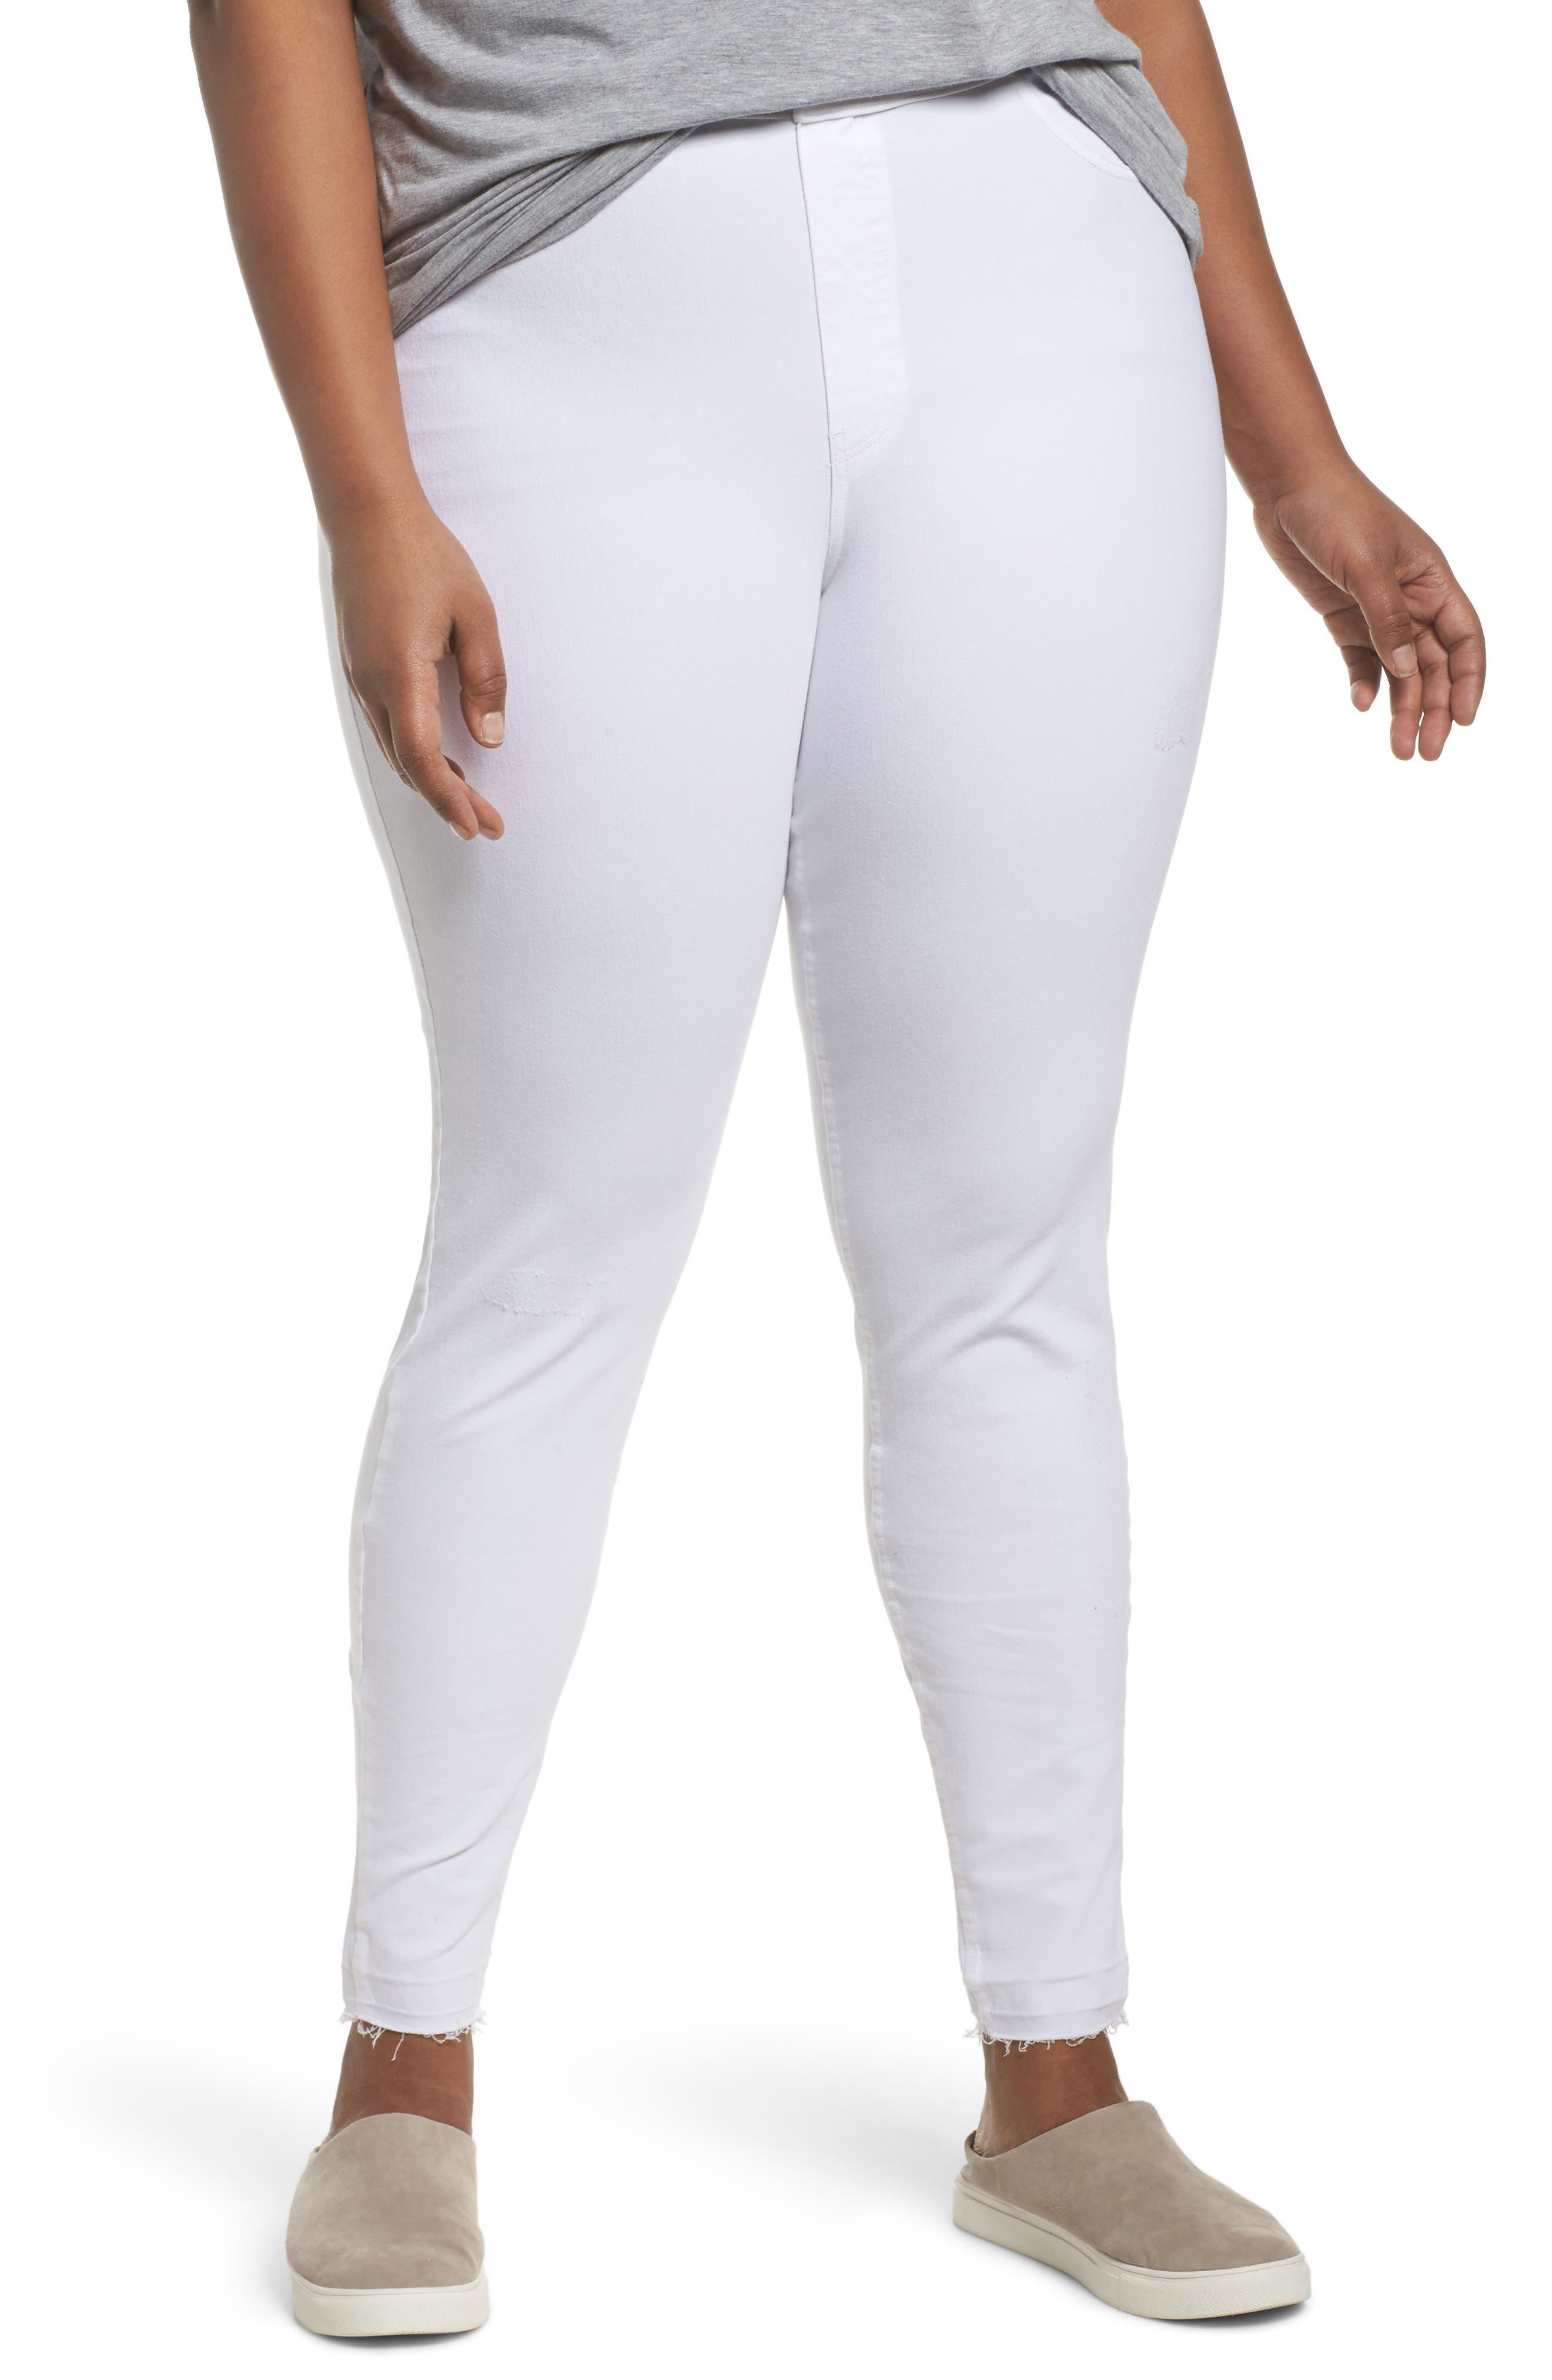 Hue denim leggings almost white